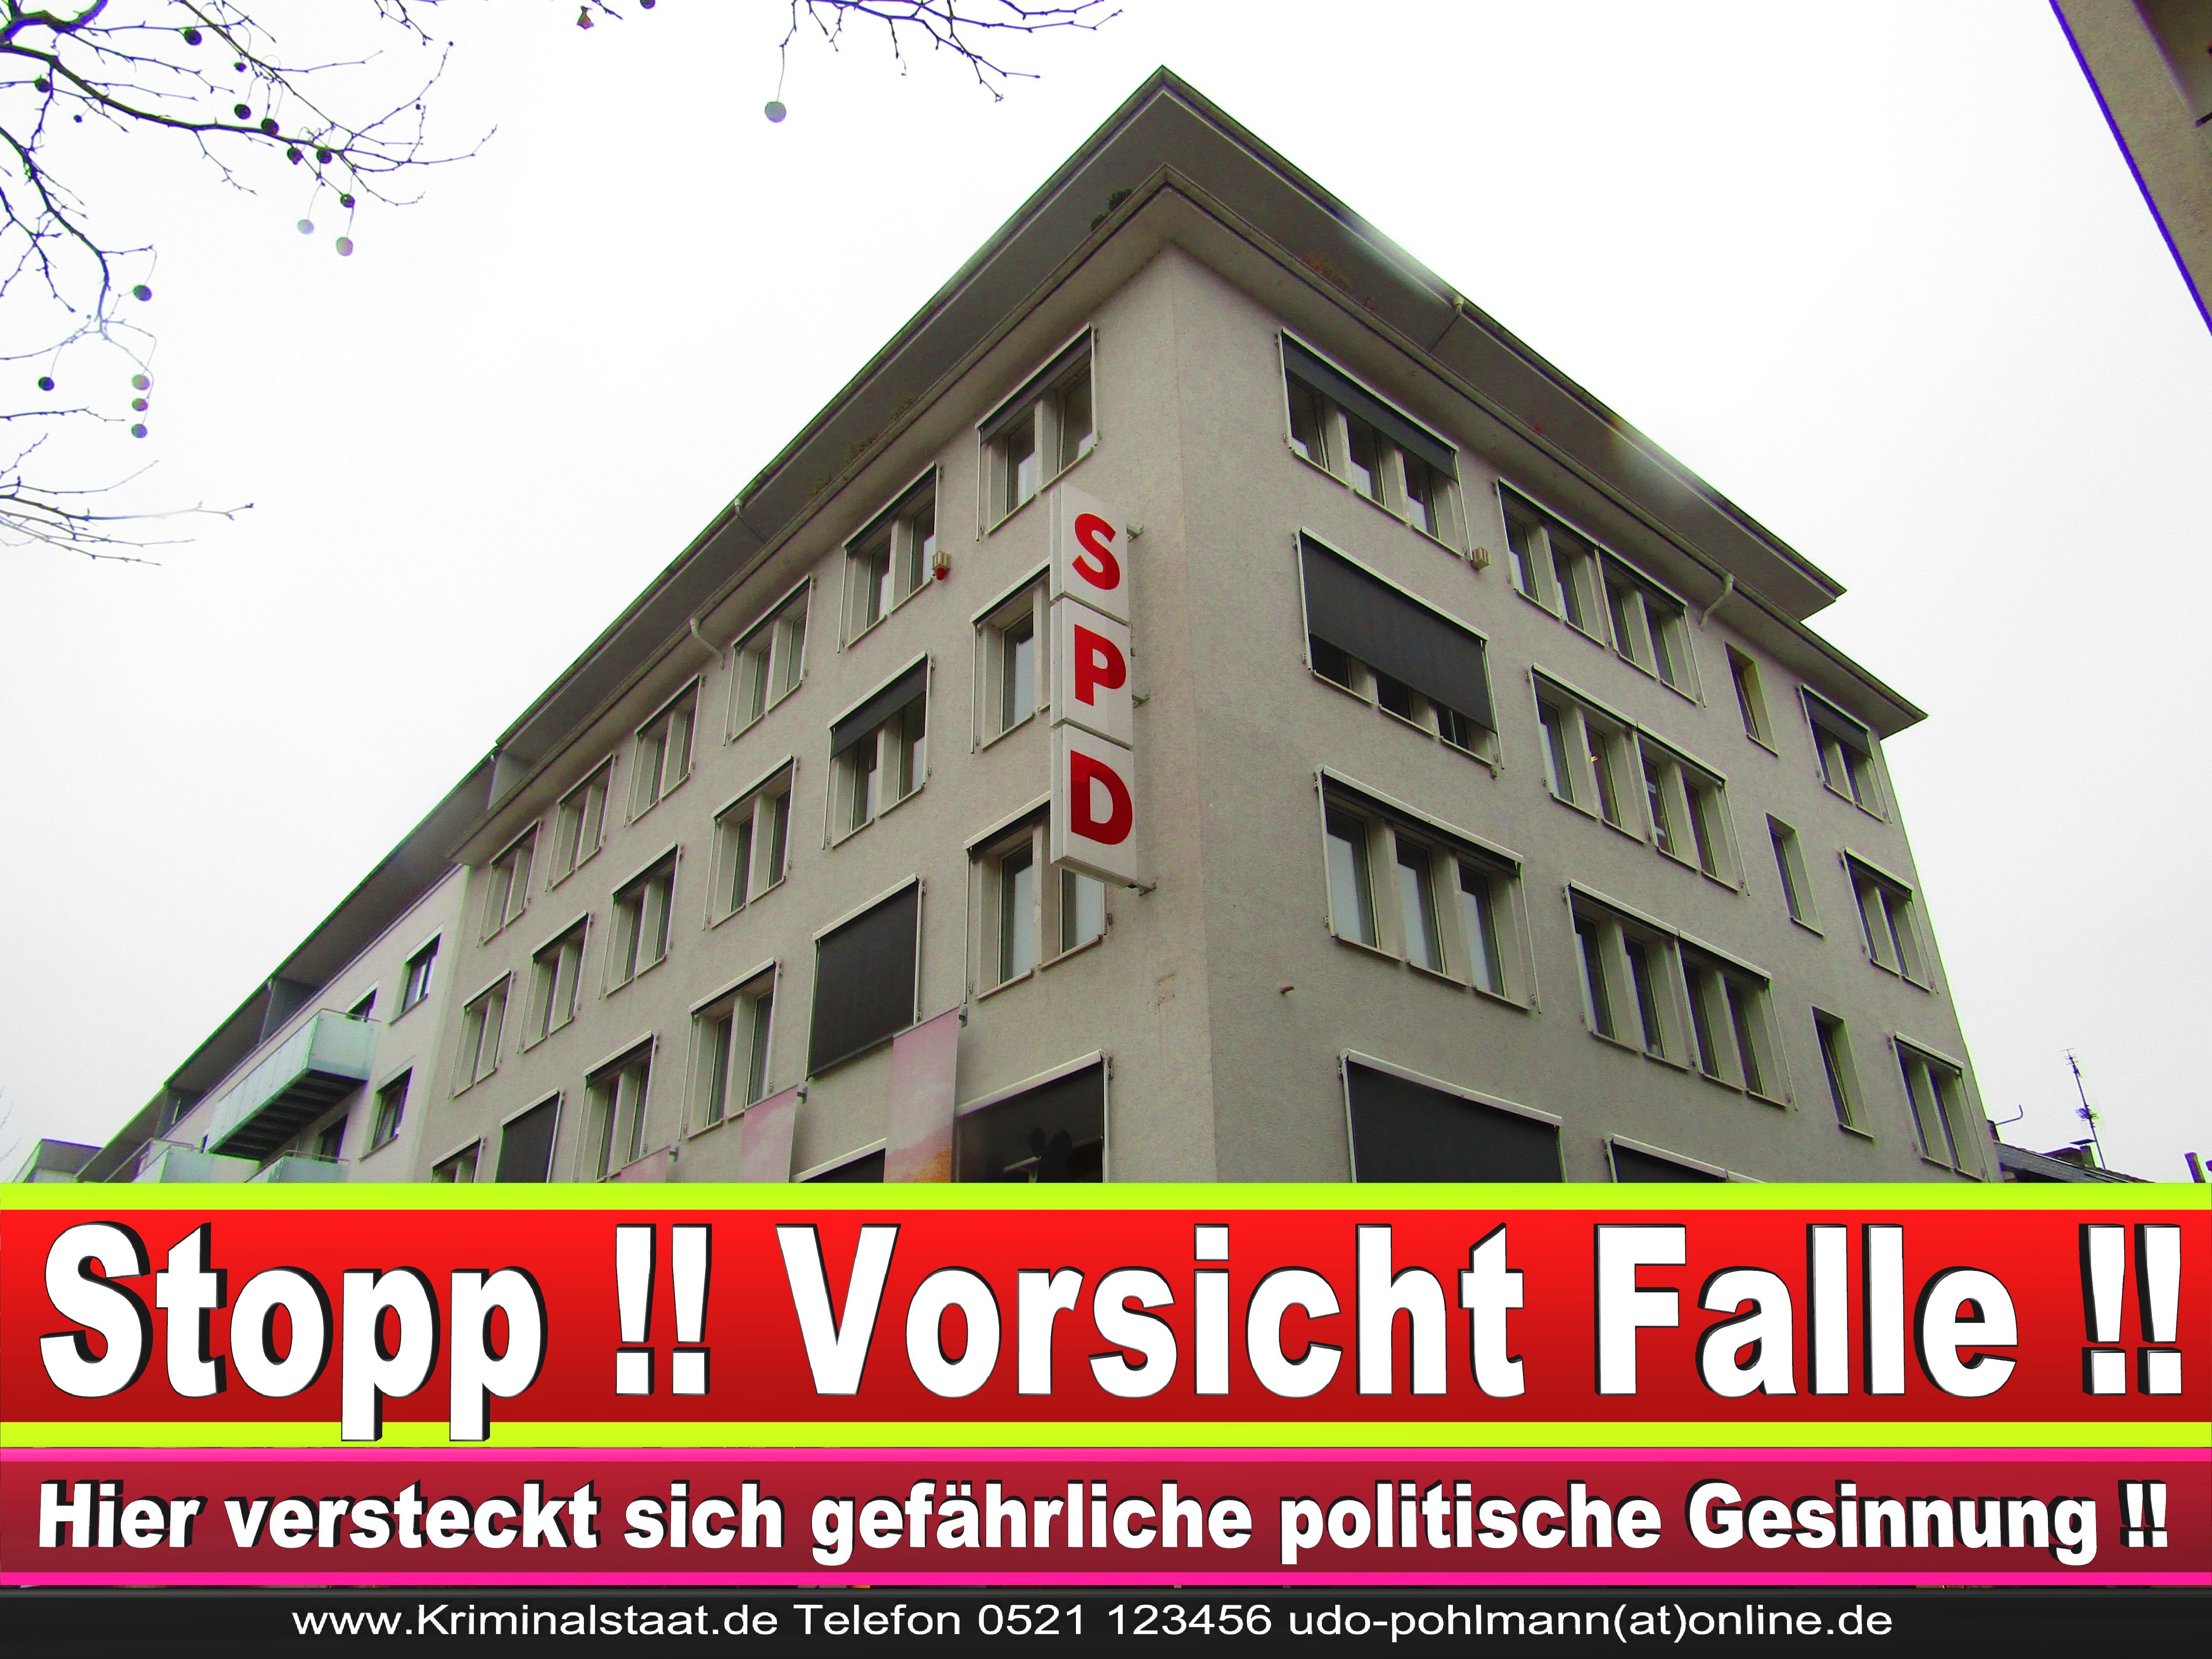 SPD DORTMUND BüRGERBüRO SPD ORTSVERBAND RAT STADT RATSMITGLIEDER SPD FRAKTION GESCHäFTSSTELLE SPD NRW ADRESSE (17) 1 1